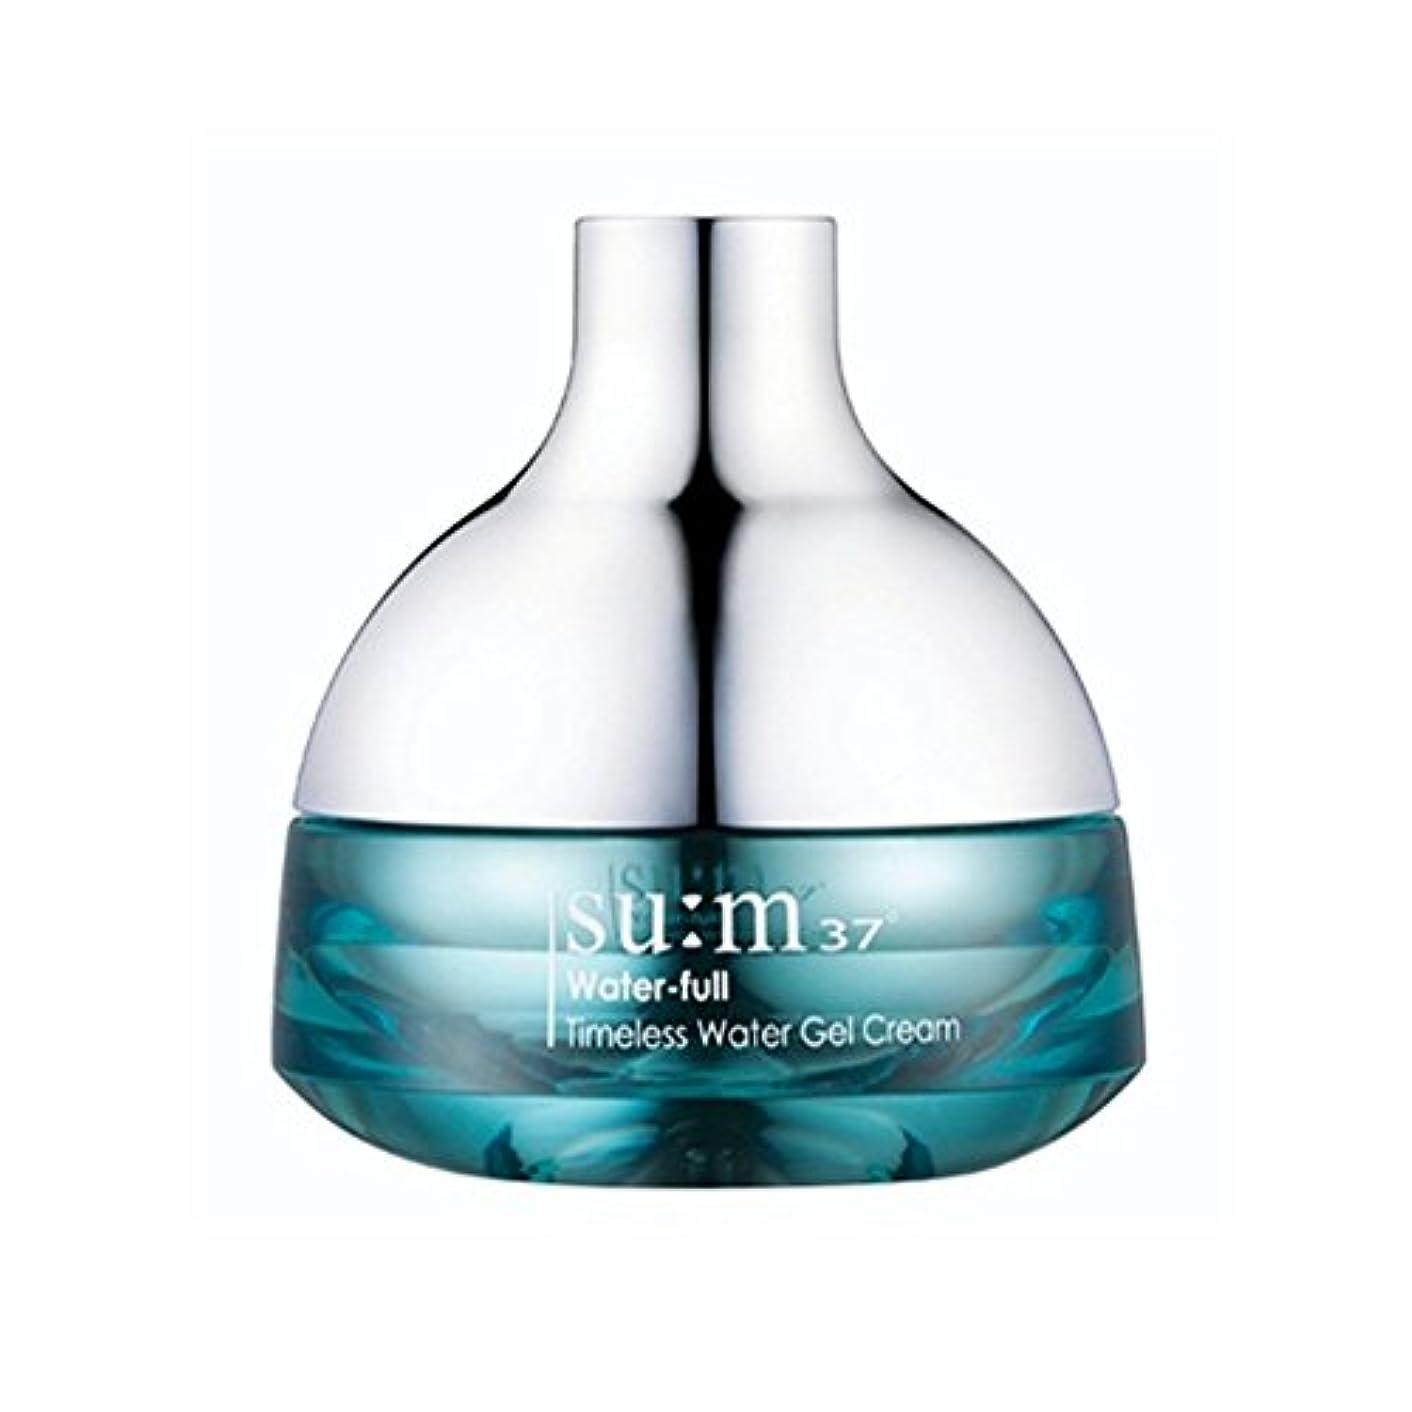 音節頻繁にテナント[su:m37/スム37°] SUM37 Water-full Timeless Water Gel Cream 50ml/WF07 sum37 ウォータフル タイムレス ウォータージェルクリーム 50ml +[Sample...